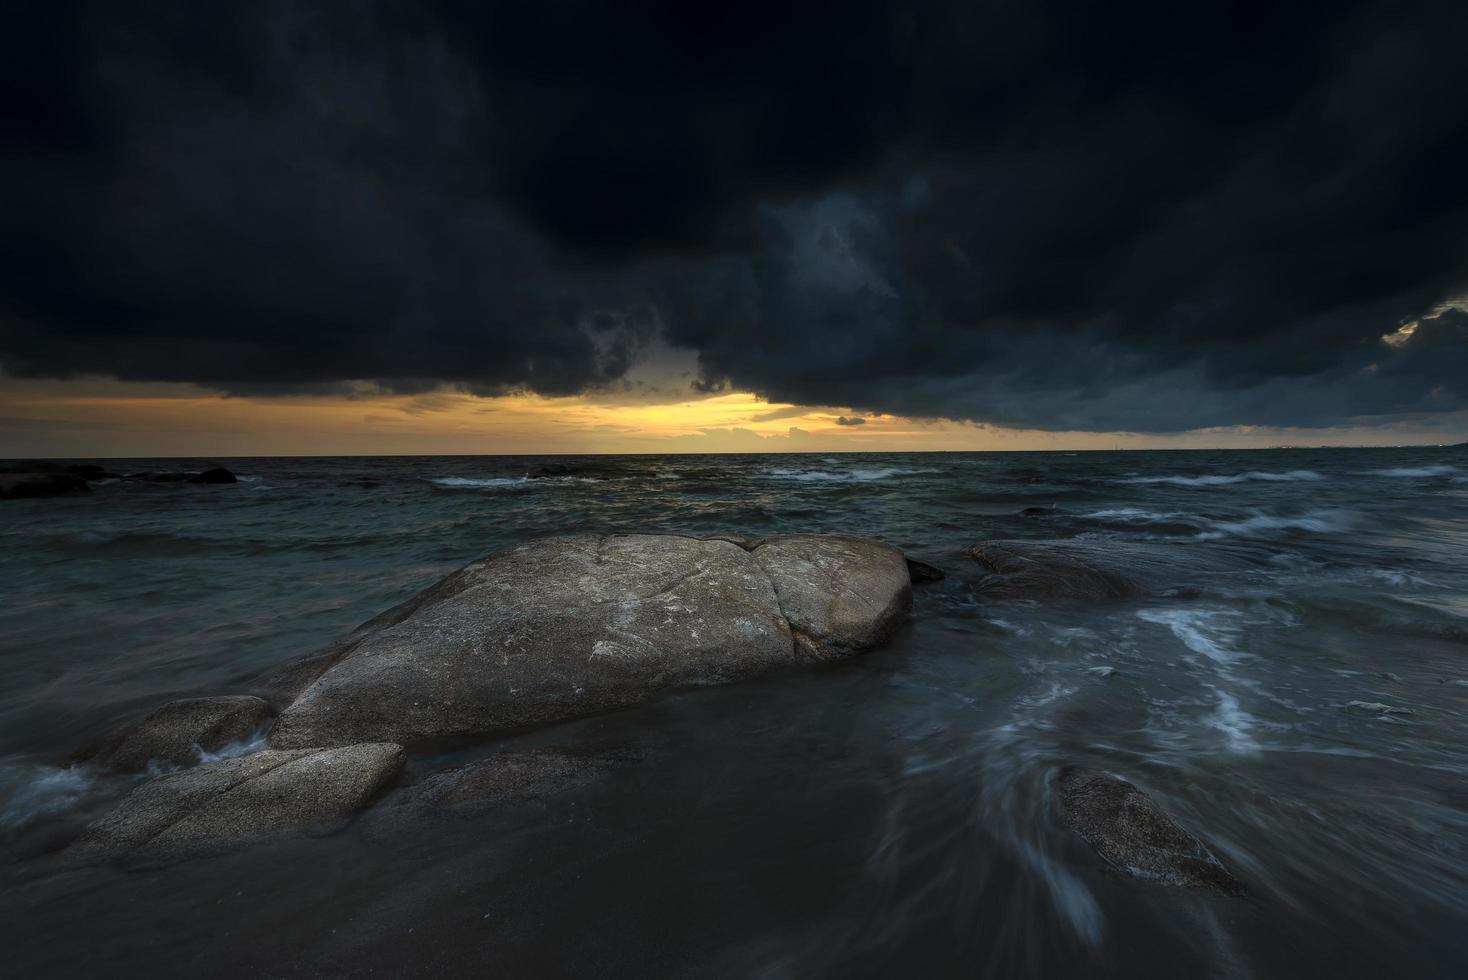 Sturm vor dem Sonnenuntergang auf See foto